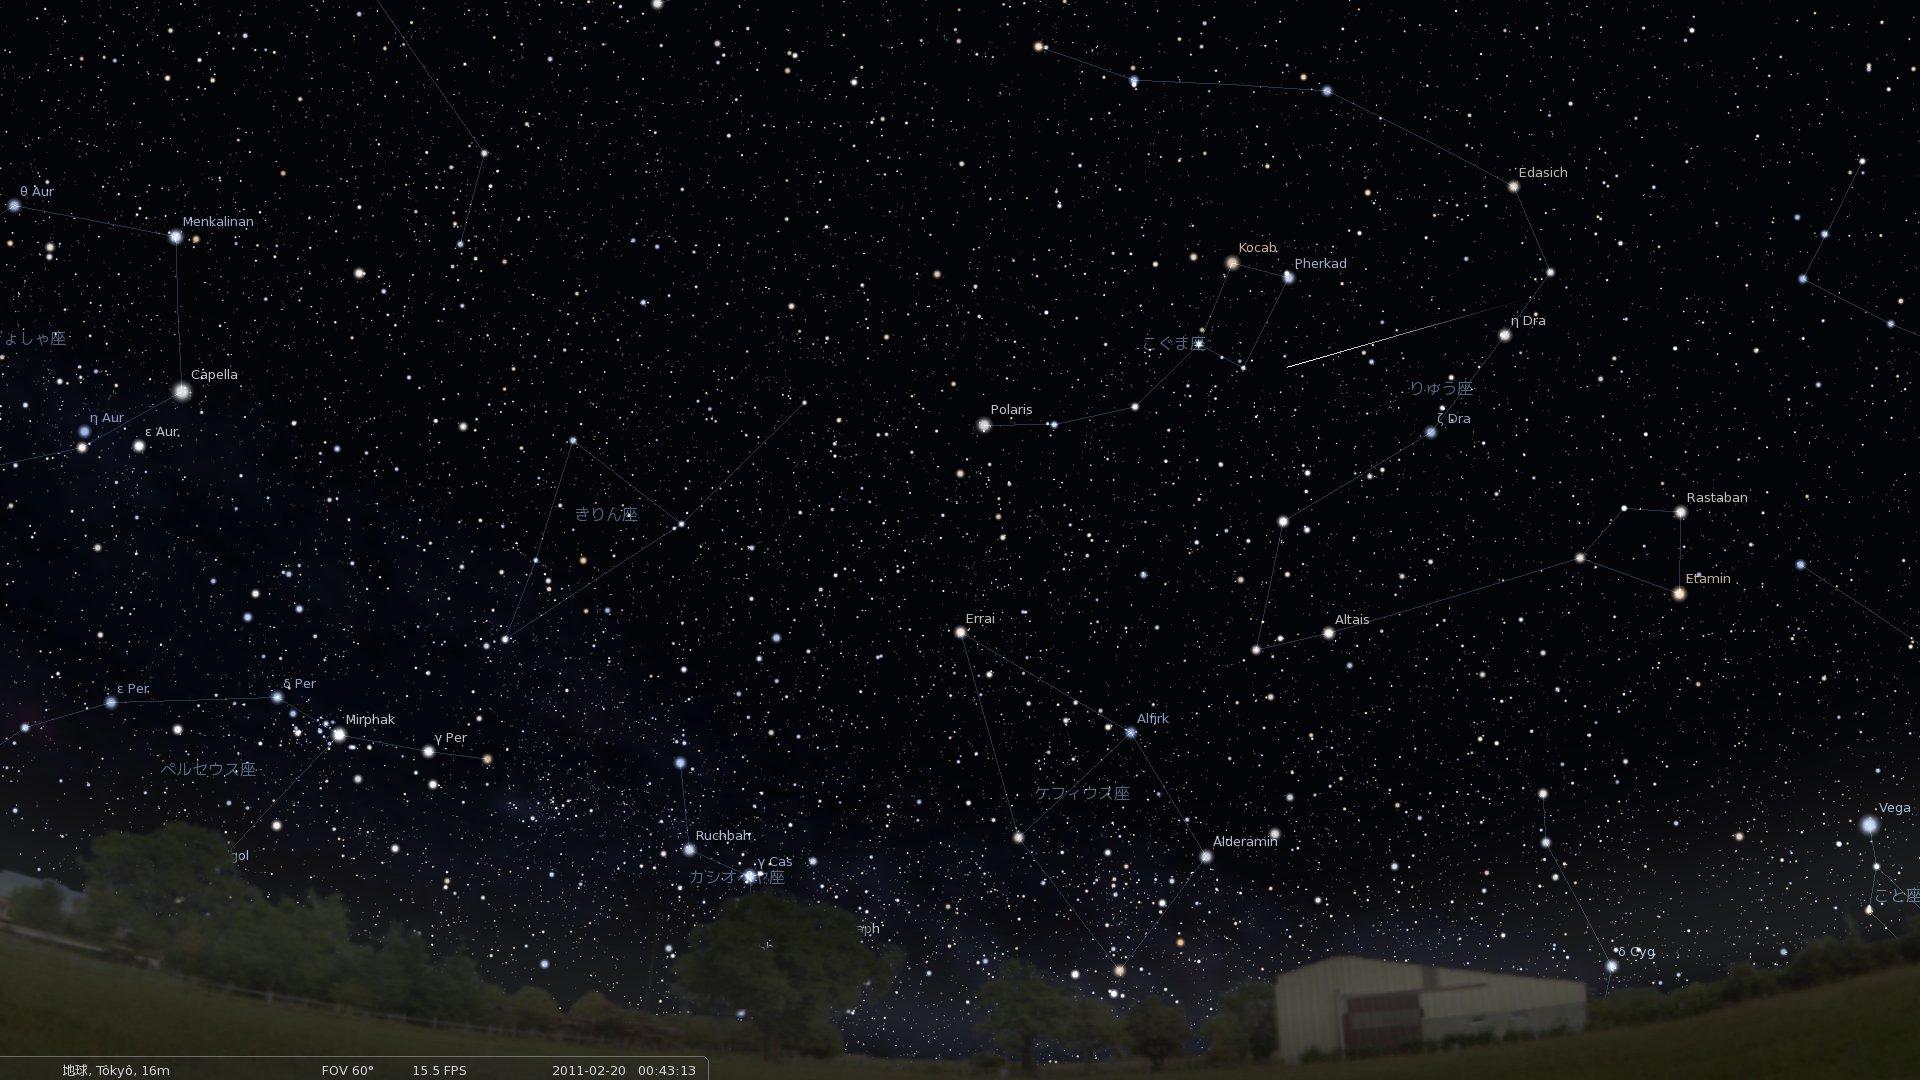 Stellarium星空